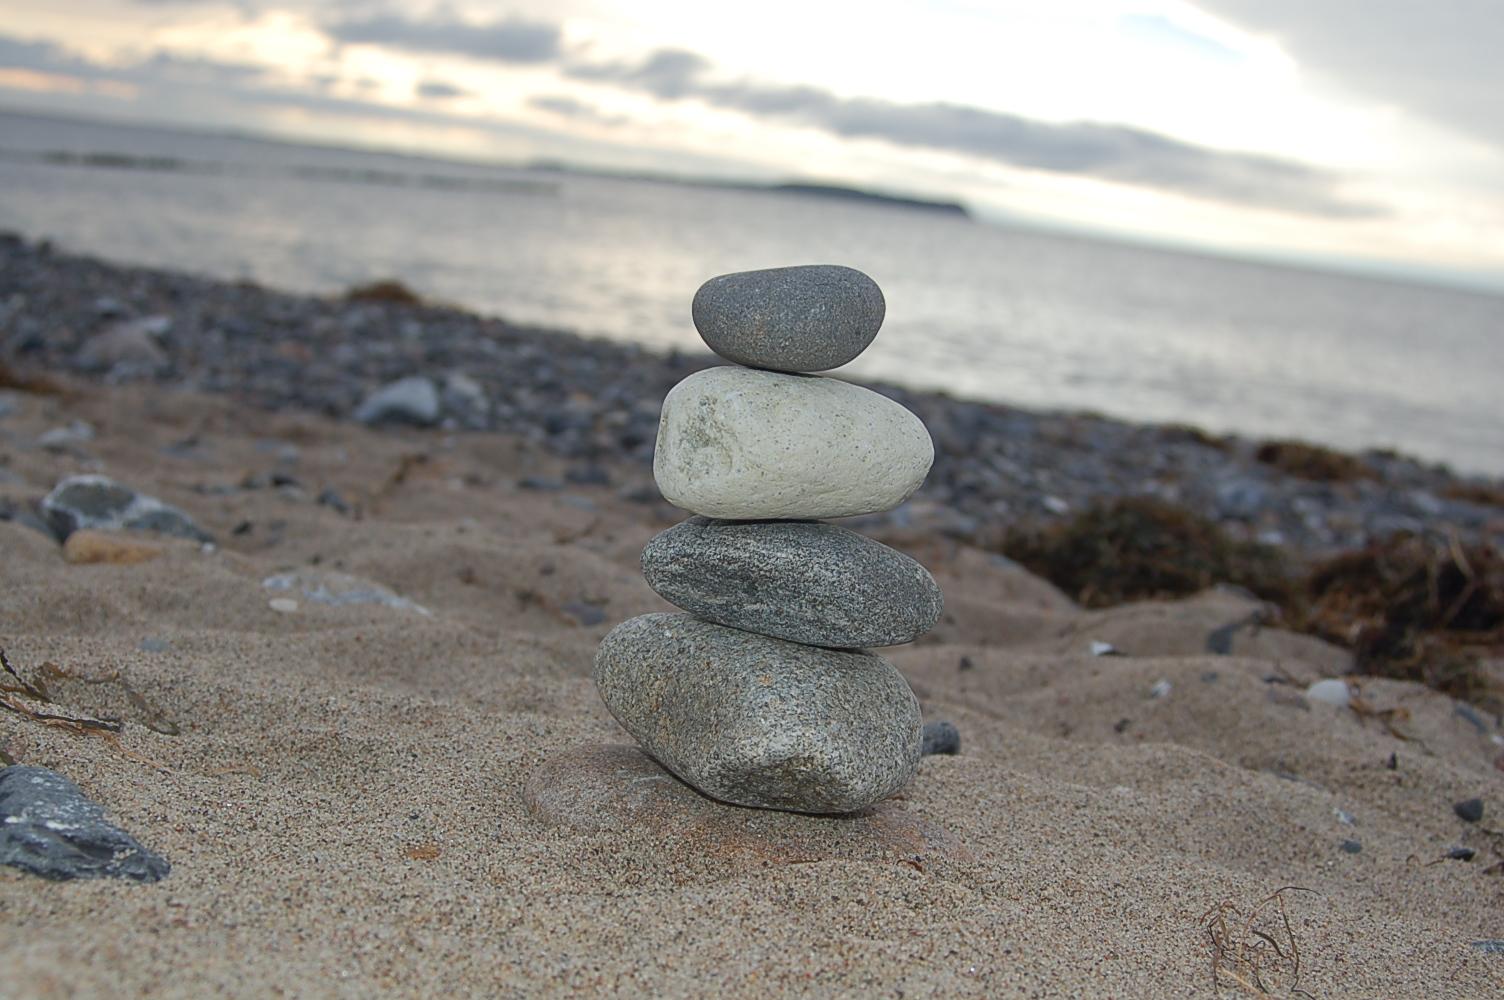 Auch aus Steinen die Dir in den Weg gelegt werden, kannst Du etwas Schönes bauen.